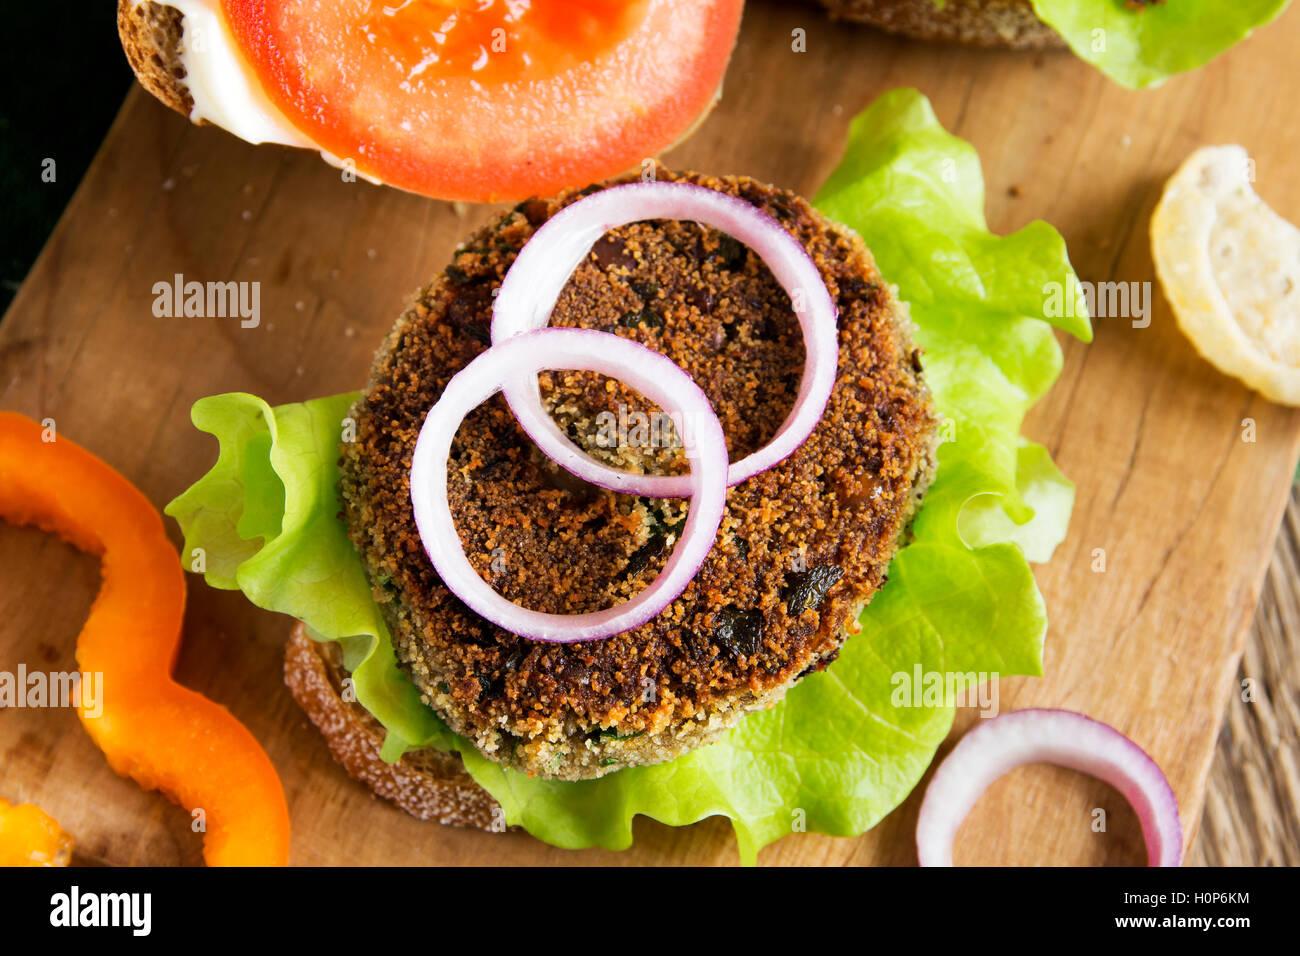 Hamburguesa de lentejas vegetariano con verduras sobre la tabla de cortar de madera - sabrosos y saludables bocadillos Imagen De Stock